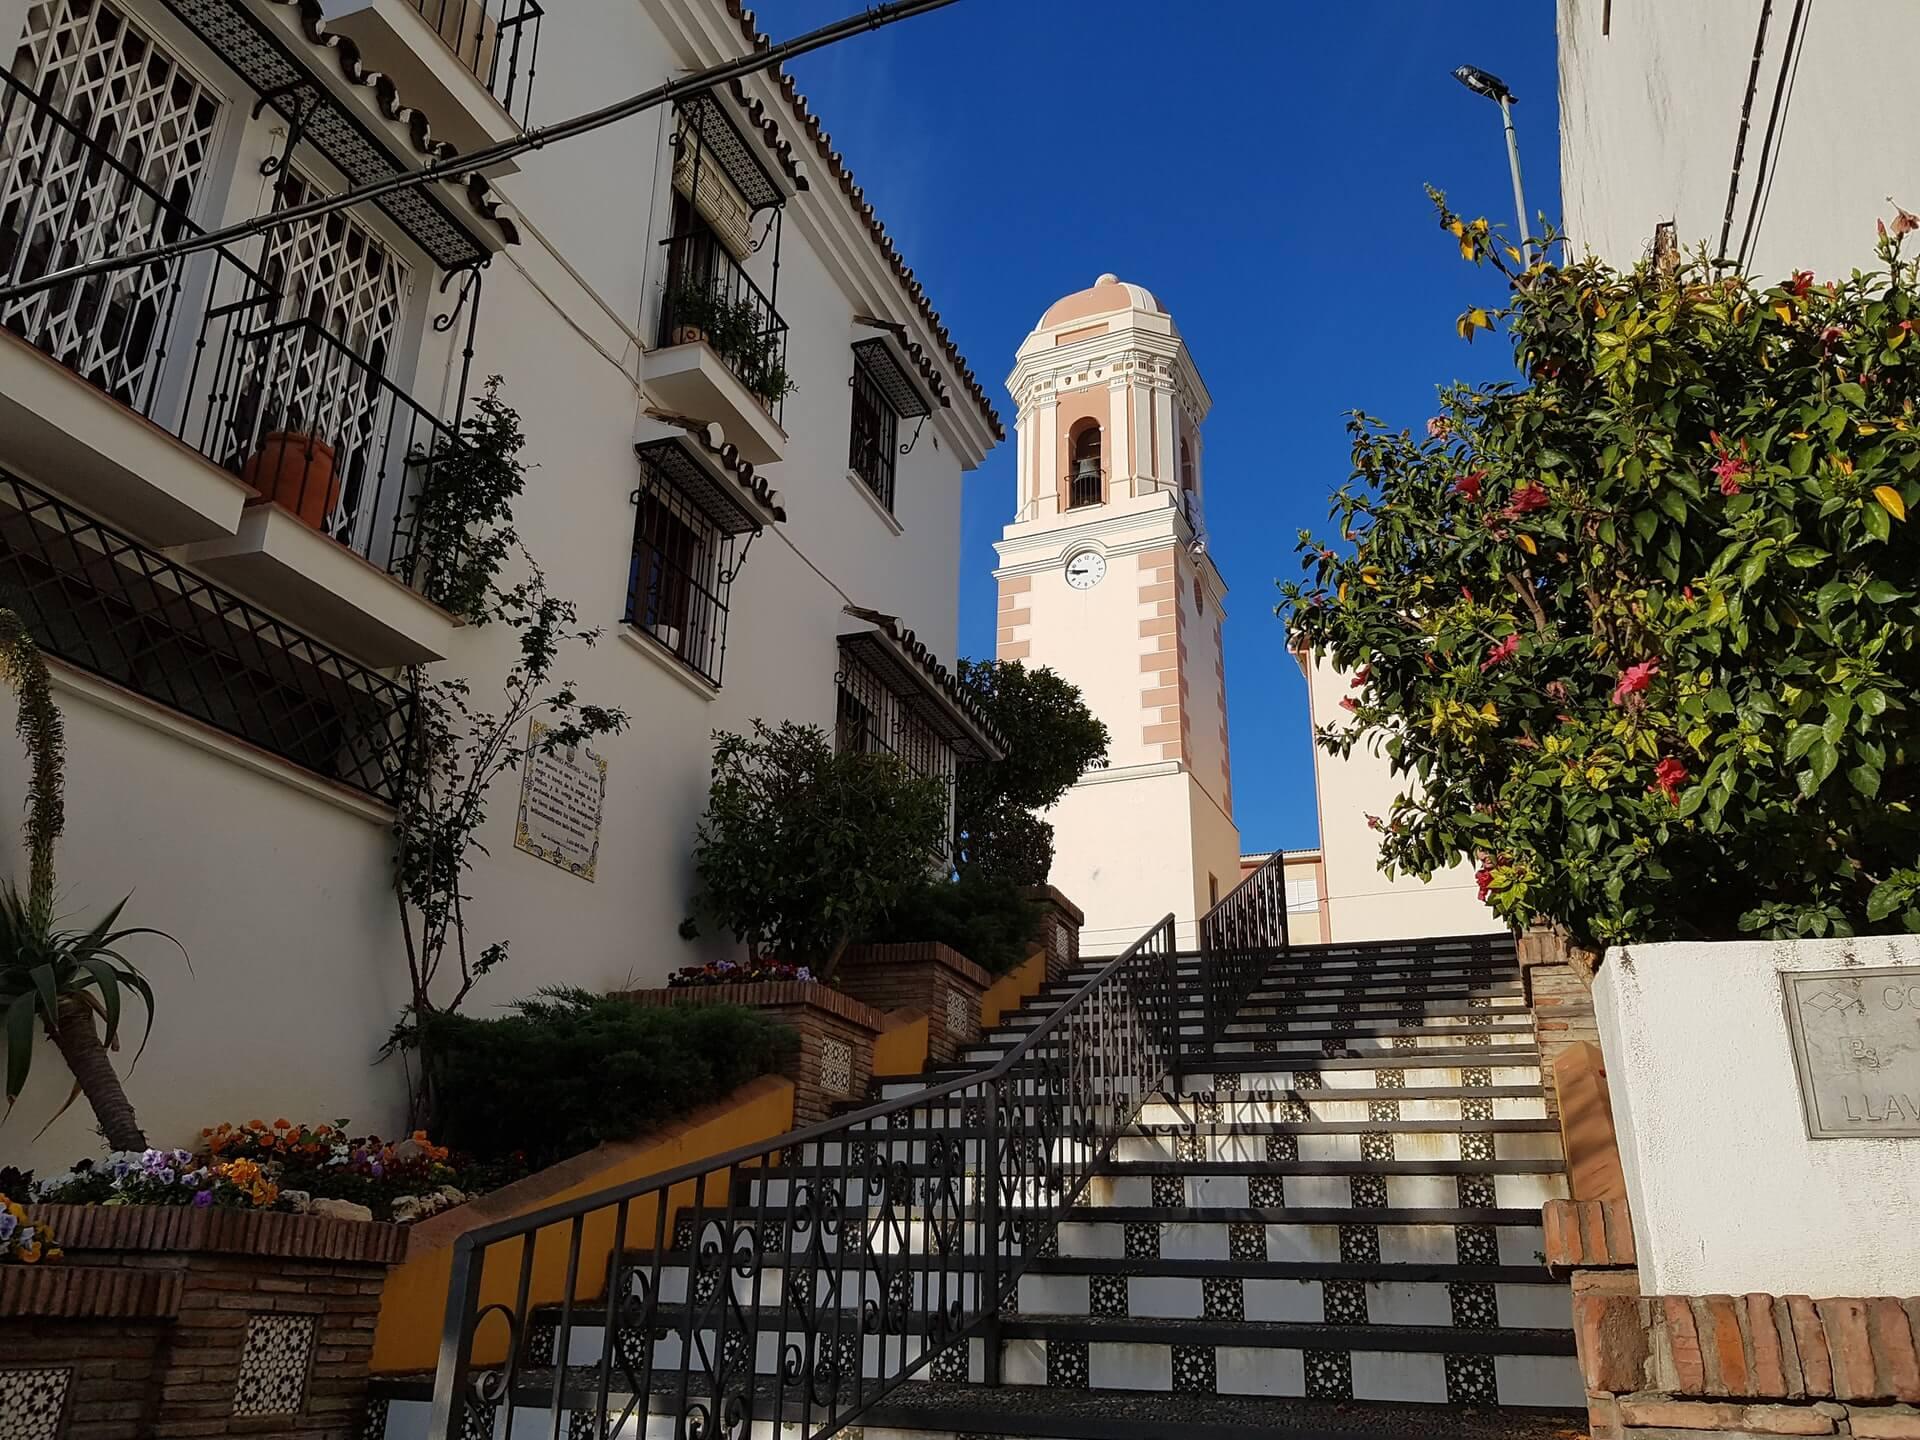 Pueblo Estepona